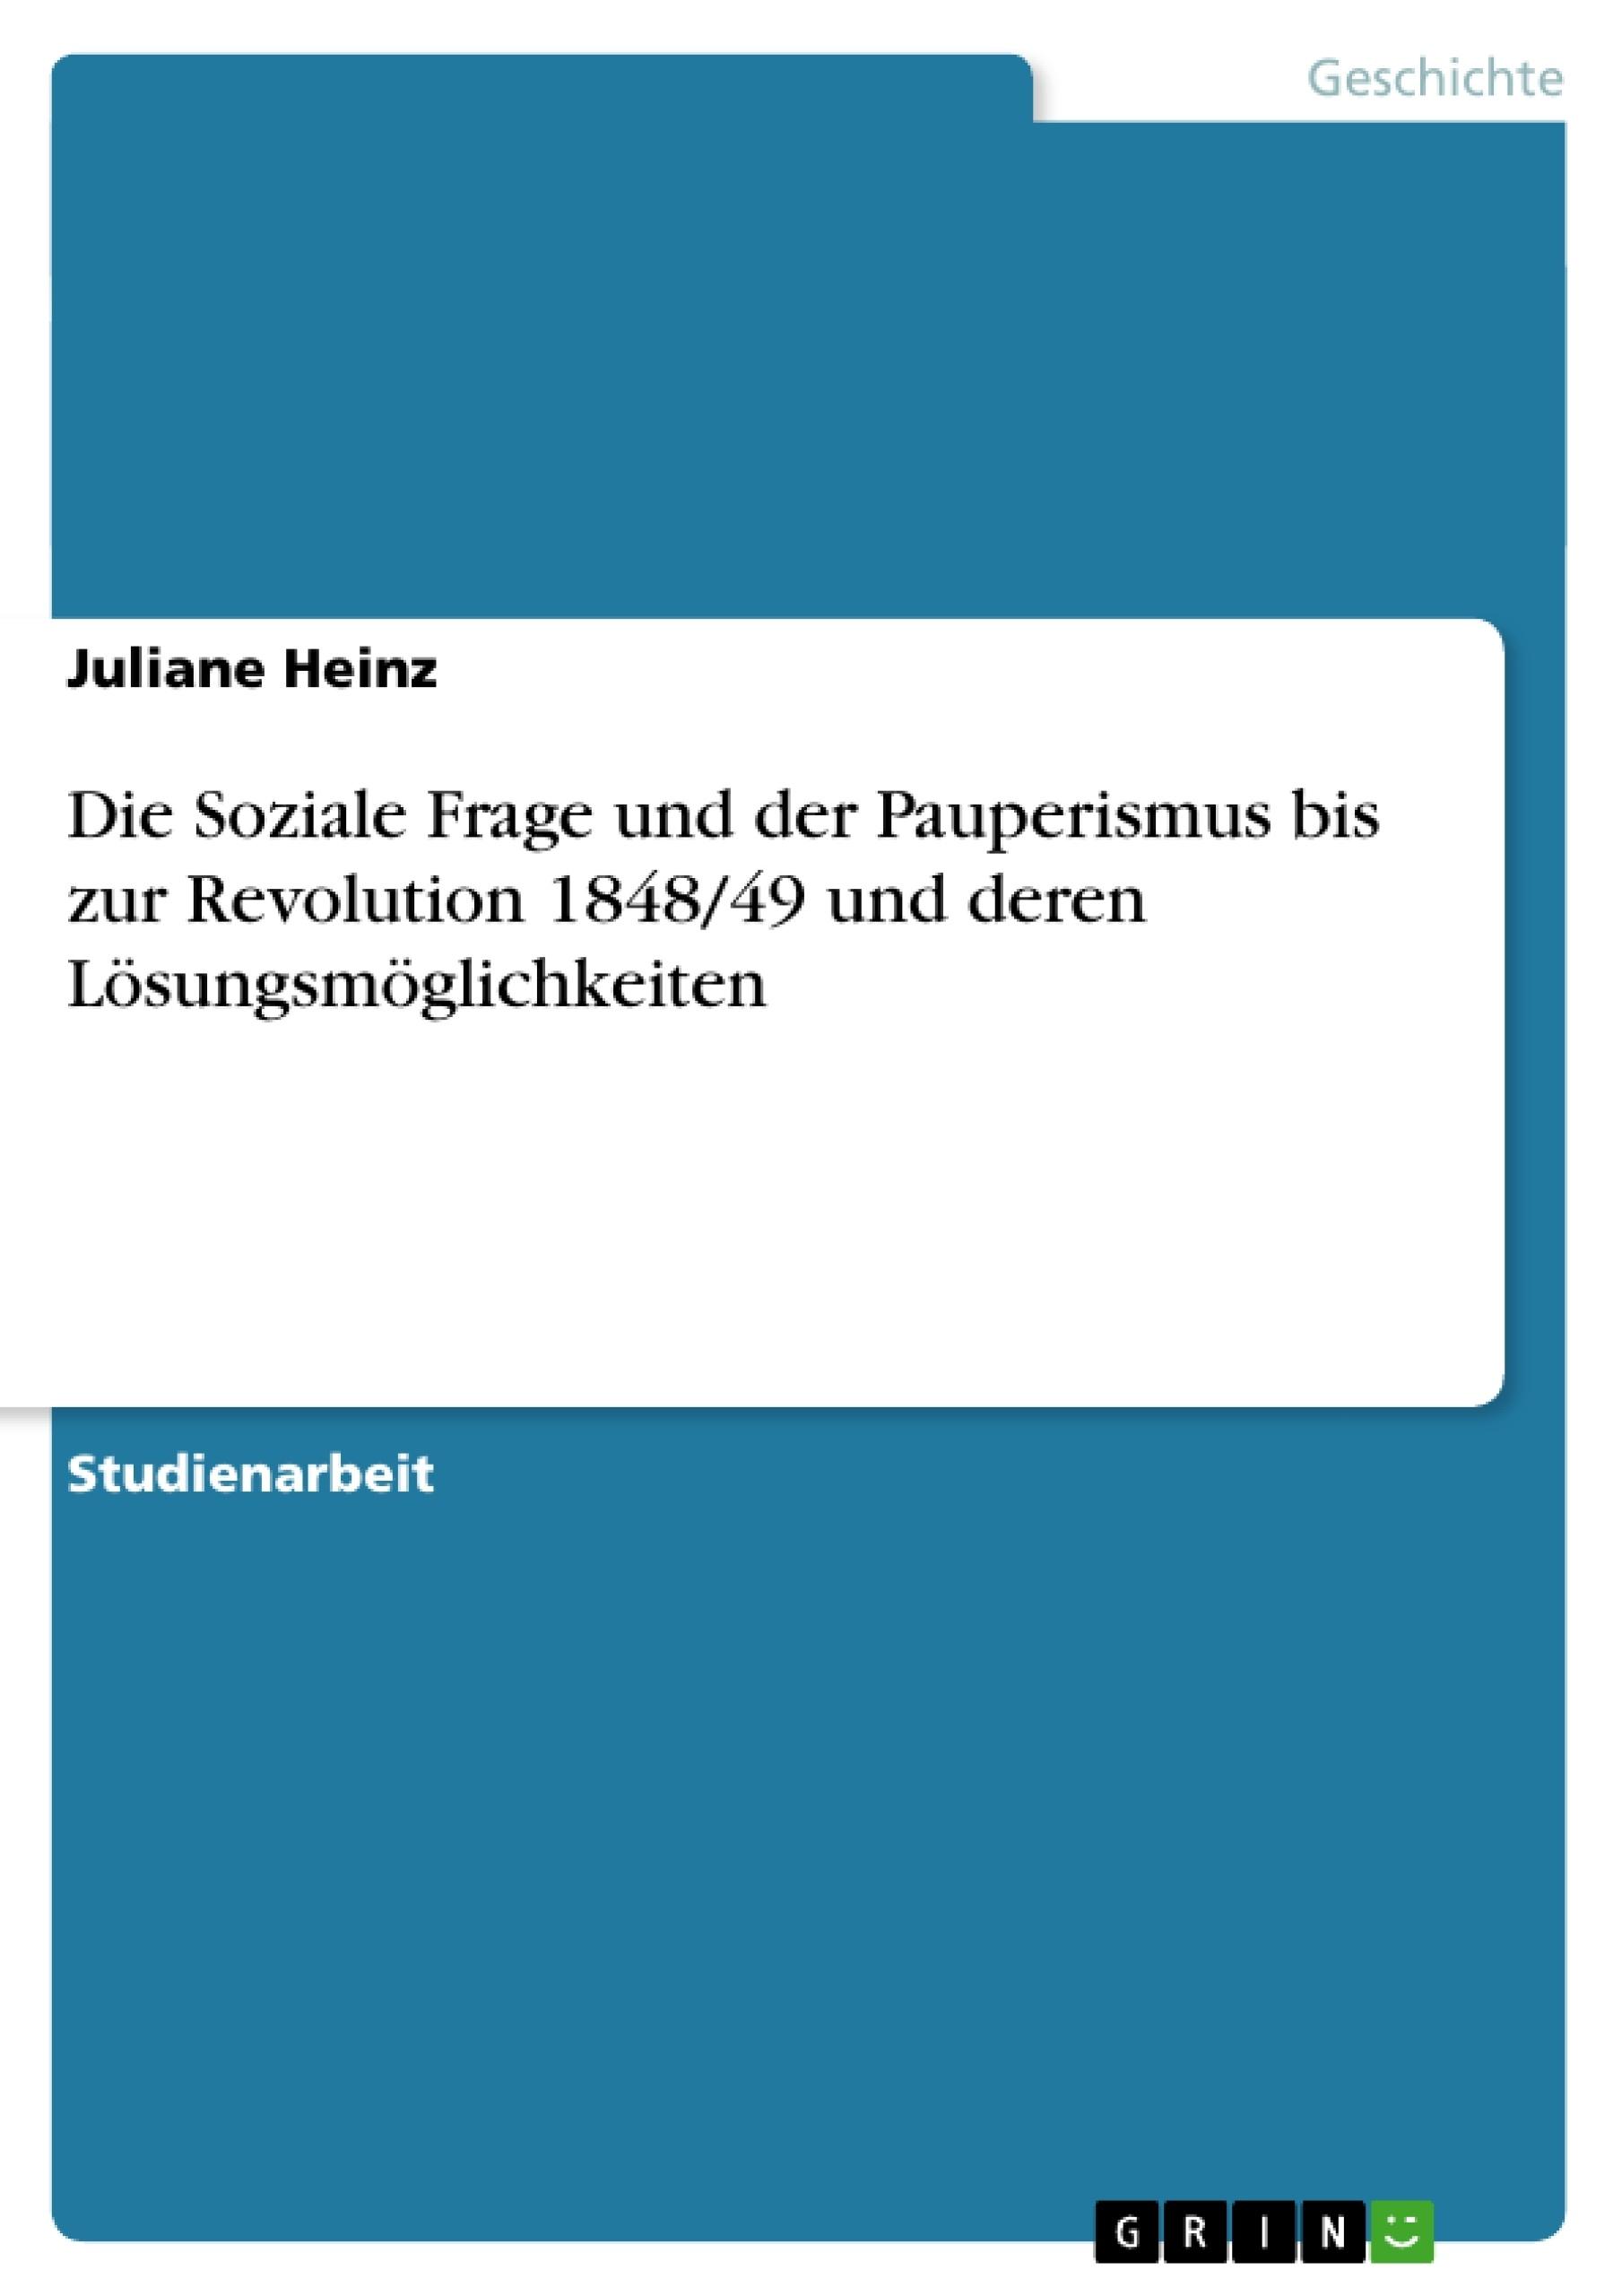 Titel: Die Soziale Frage und der Pauperismus  bis zur Revolution 1848/49 und deren Lösungsmöglichkeiten